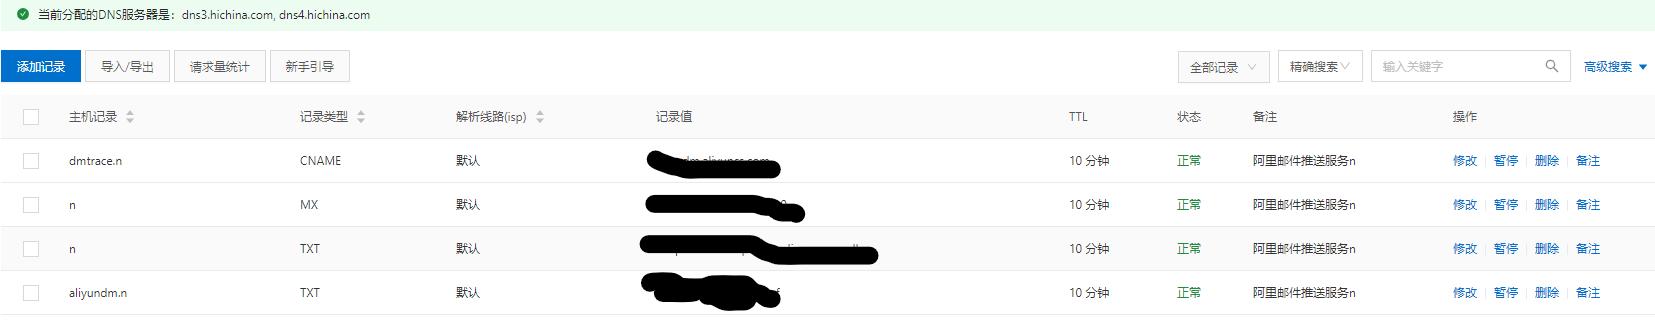 域名解析1.png